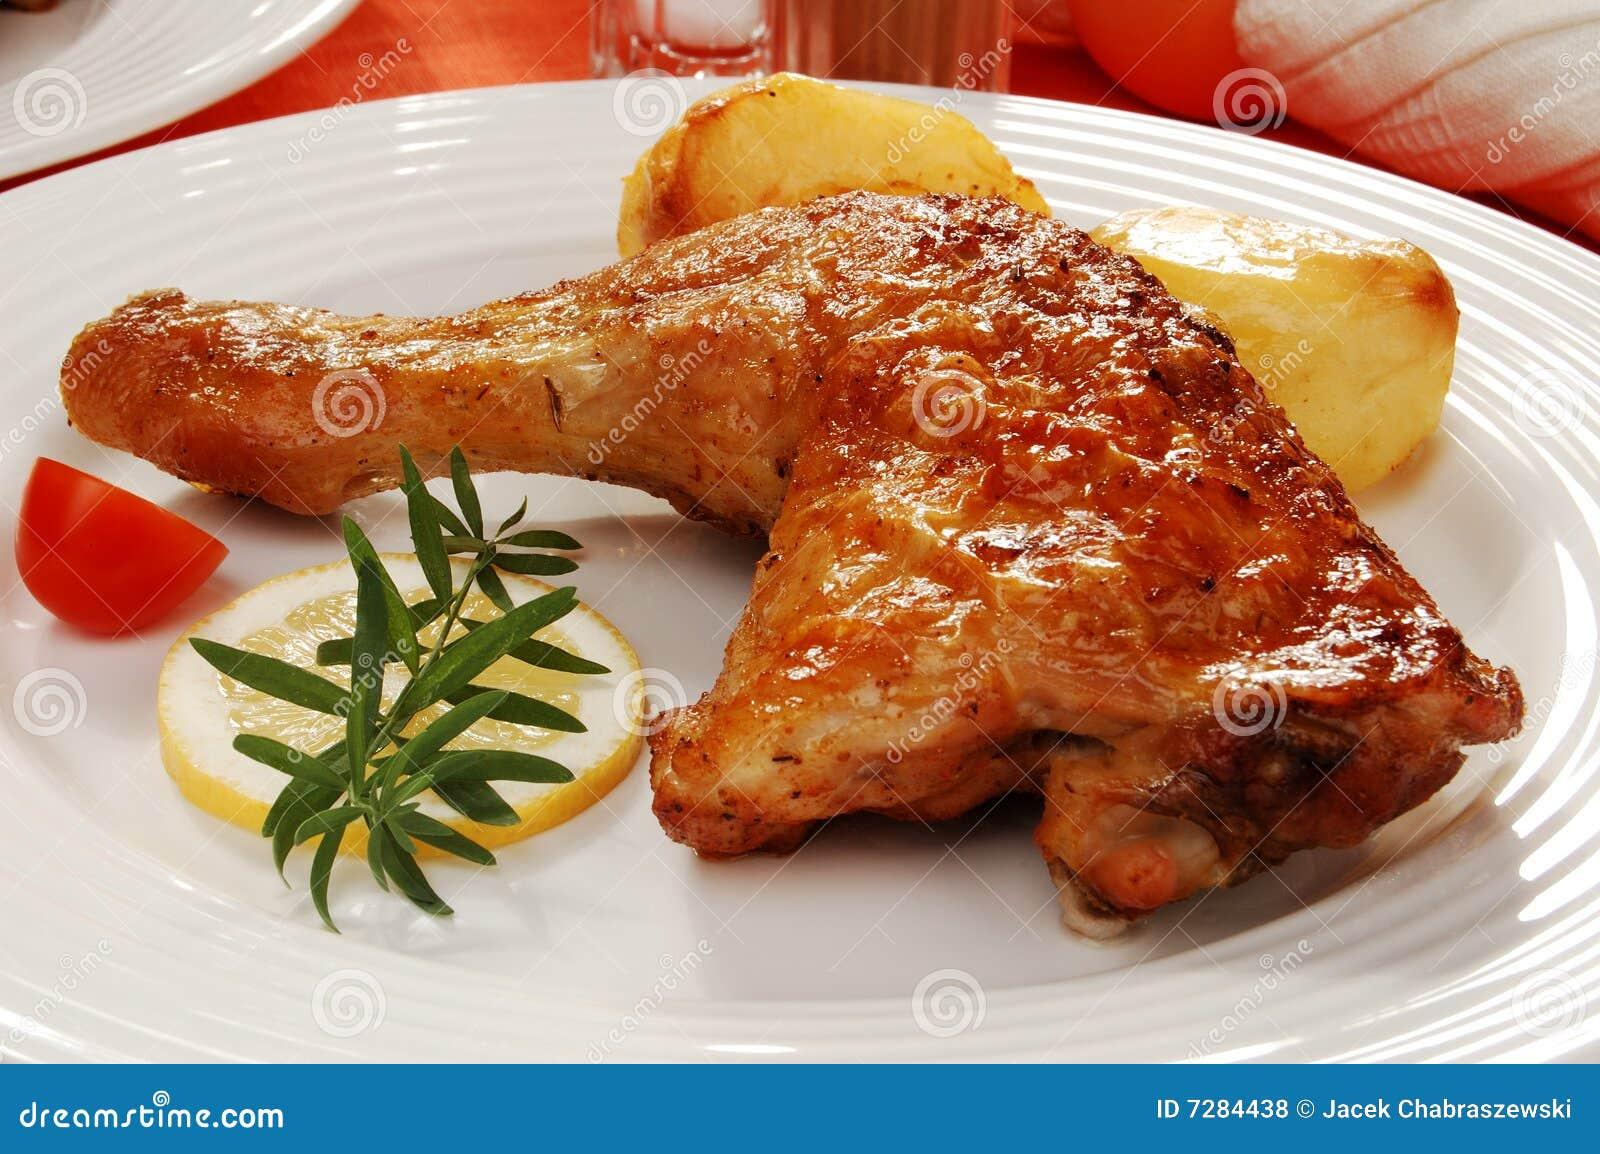 Pierna de pollo asada